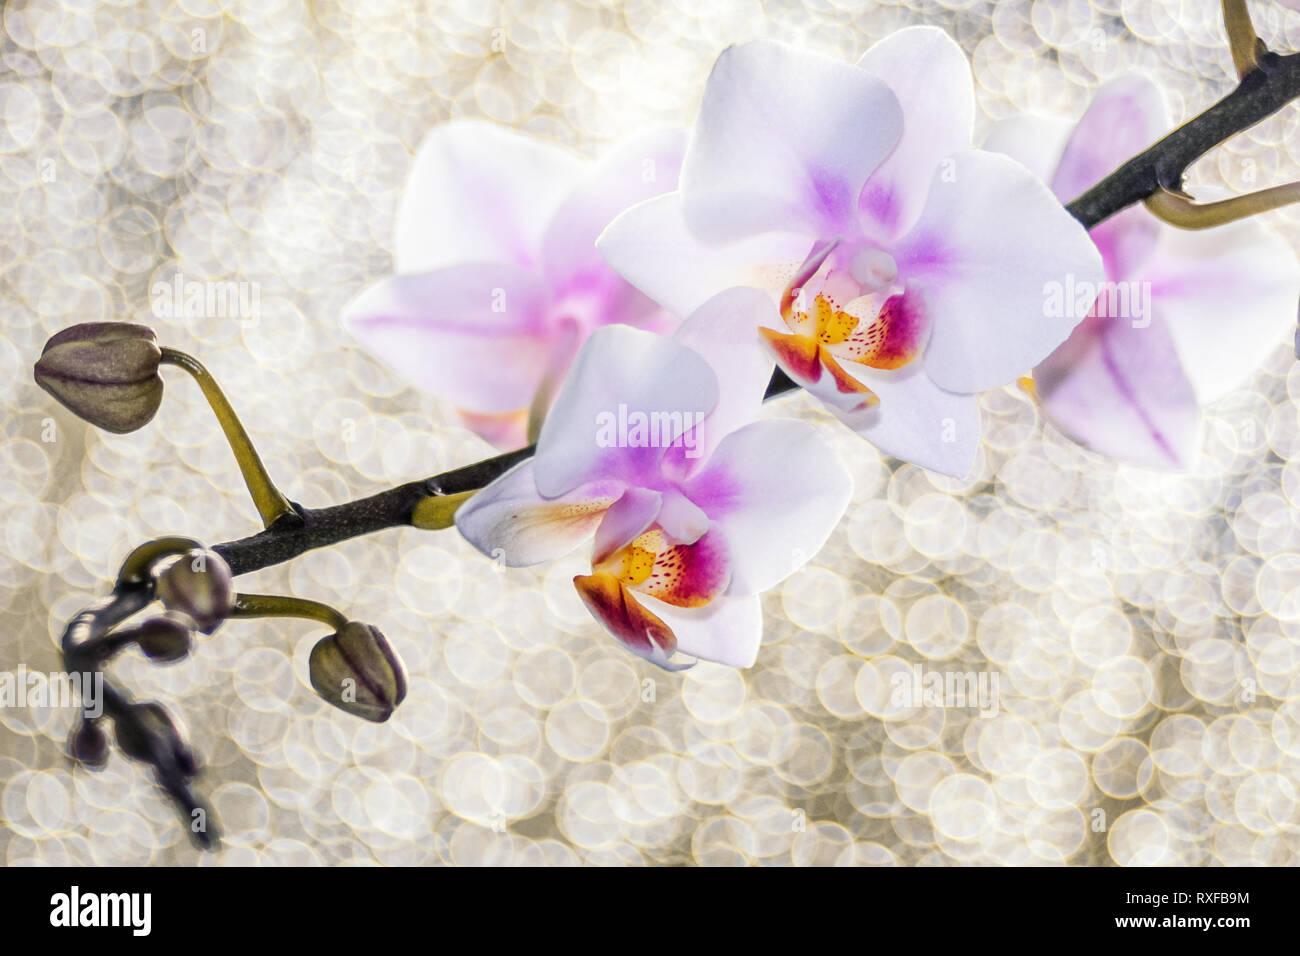 Orchidee und Zweig mit Bubble Hintergrund - Stock Image